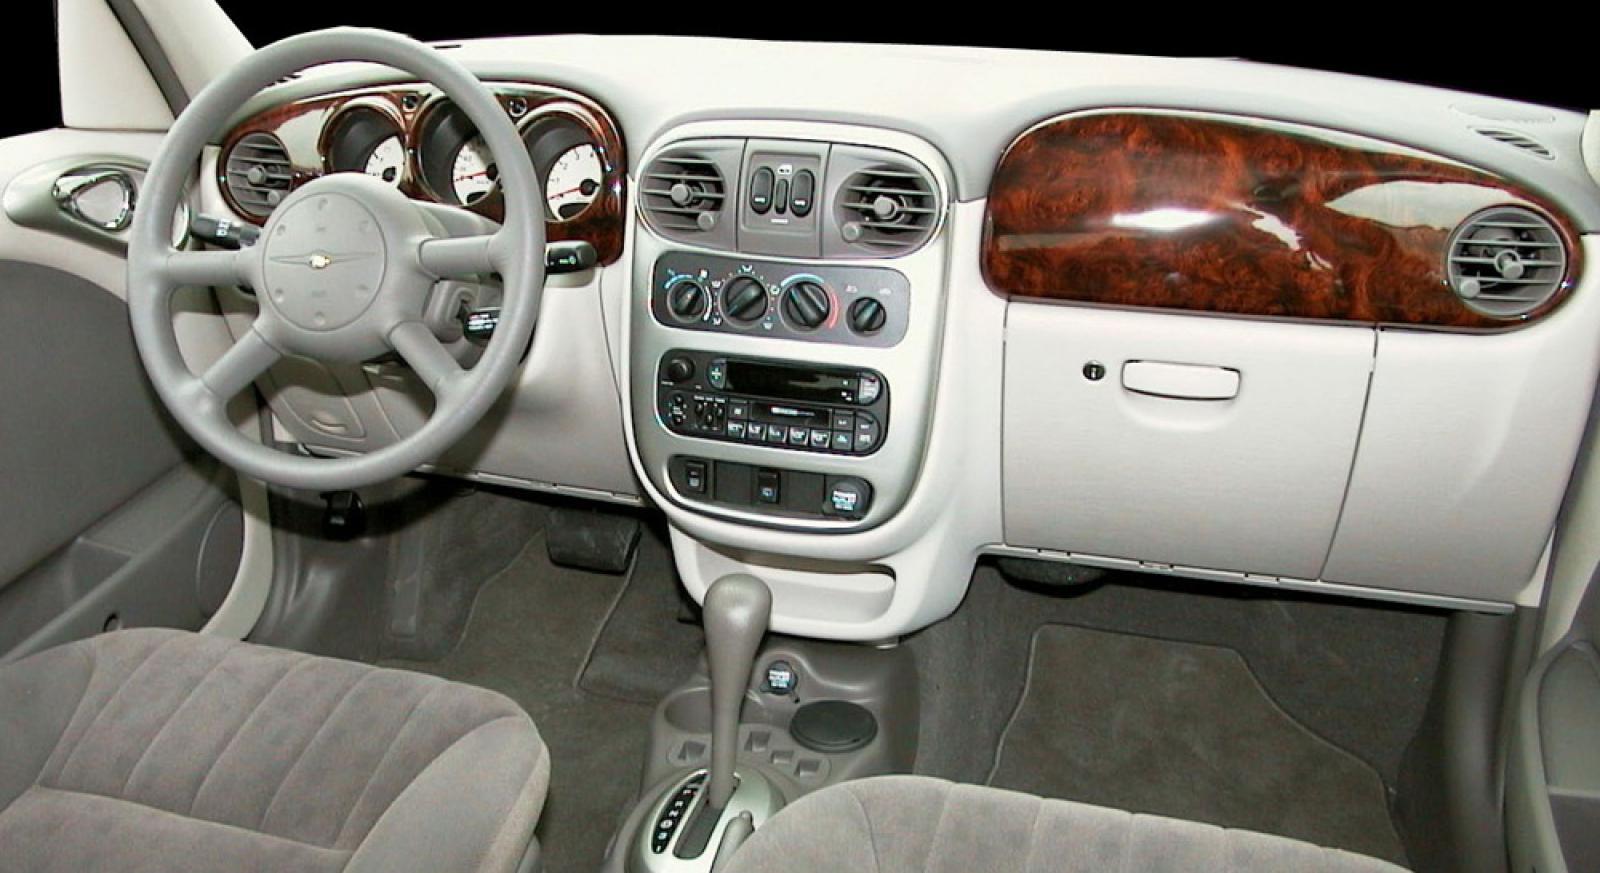 800 1024 1280 1600 Origin 2002 Chrysler PT Cruiser .